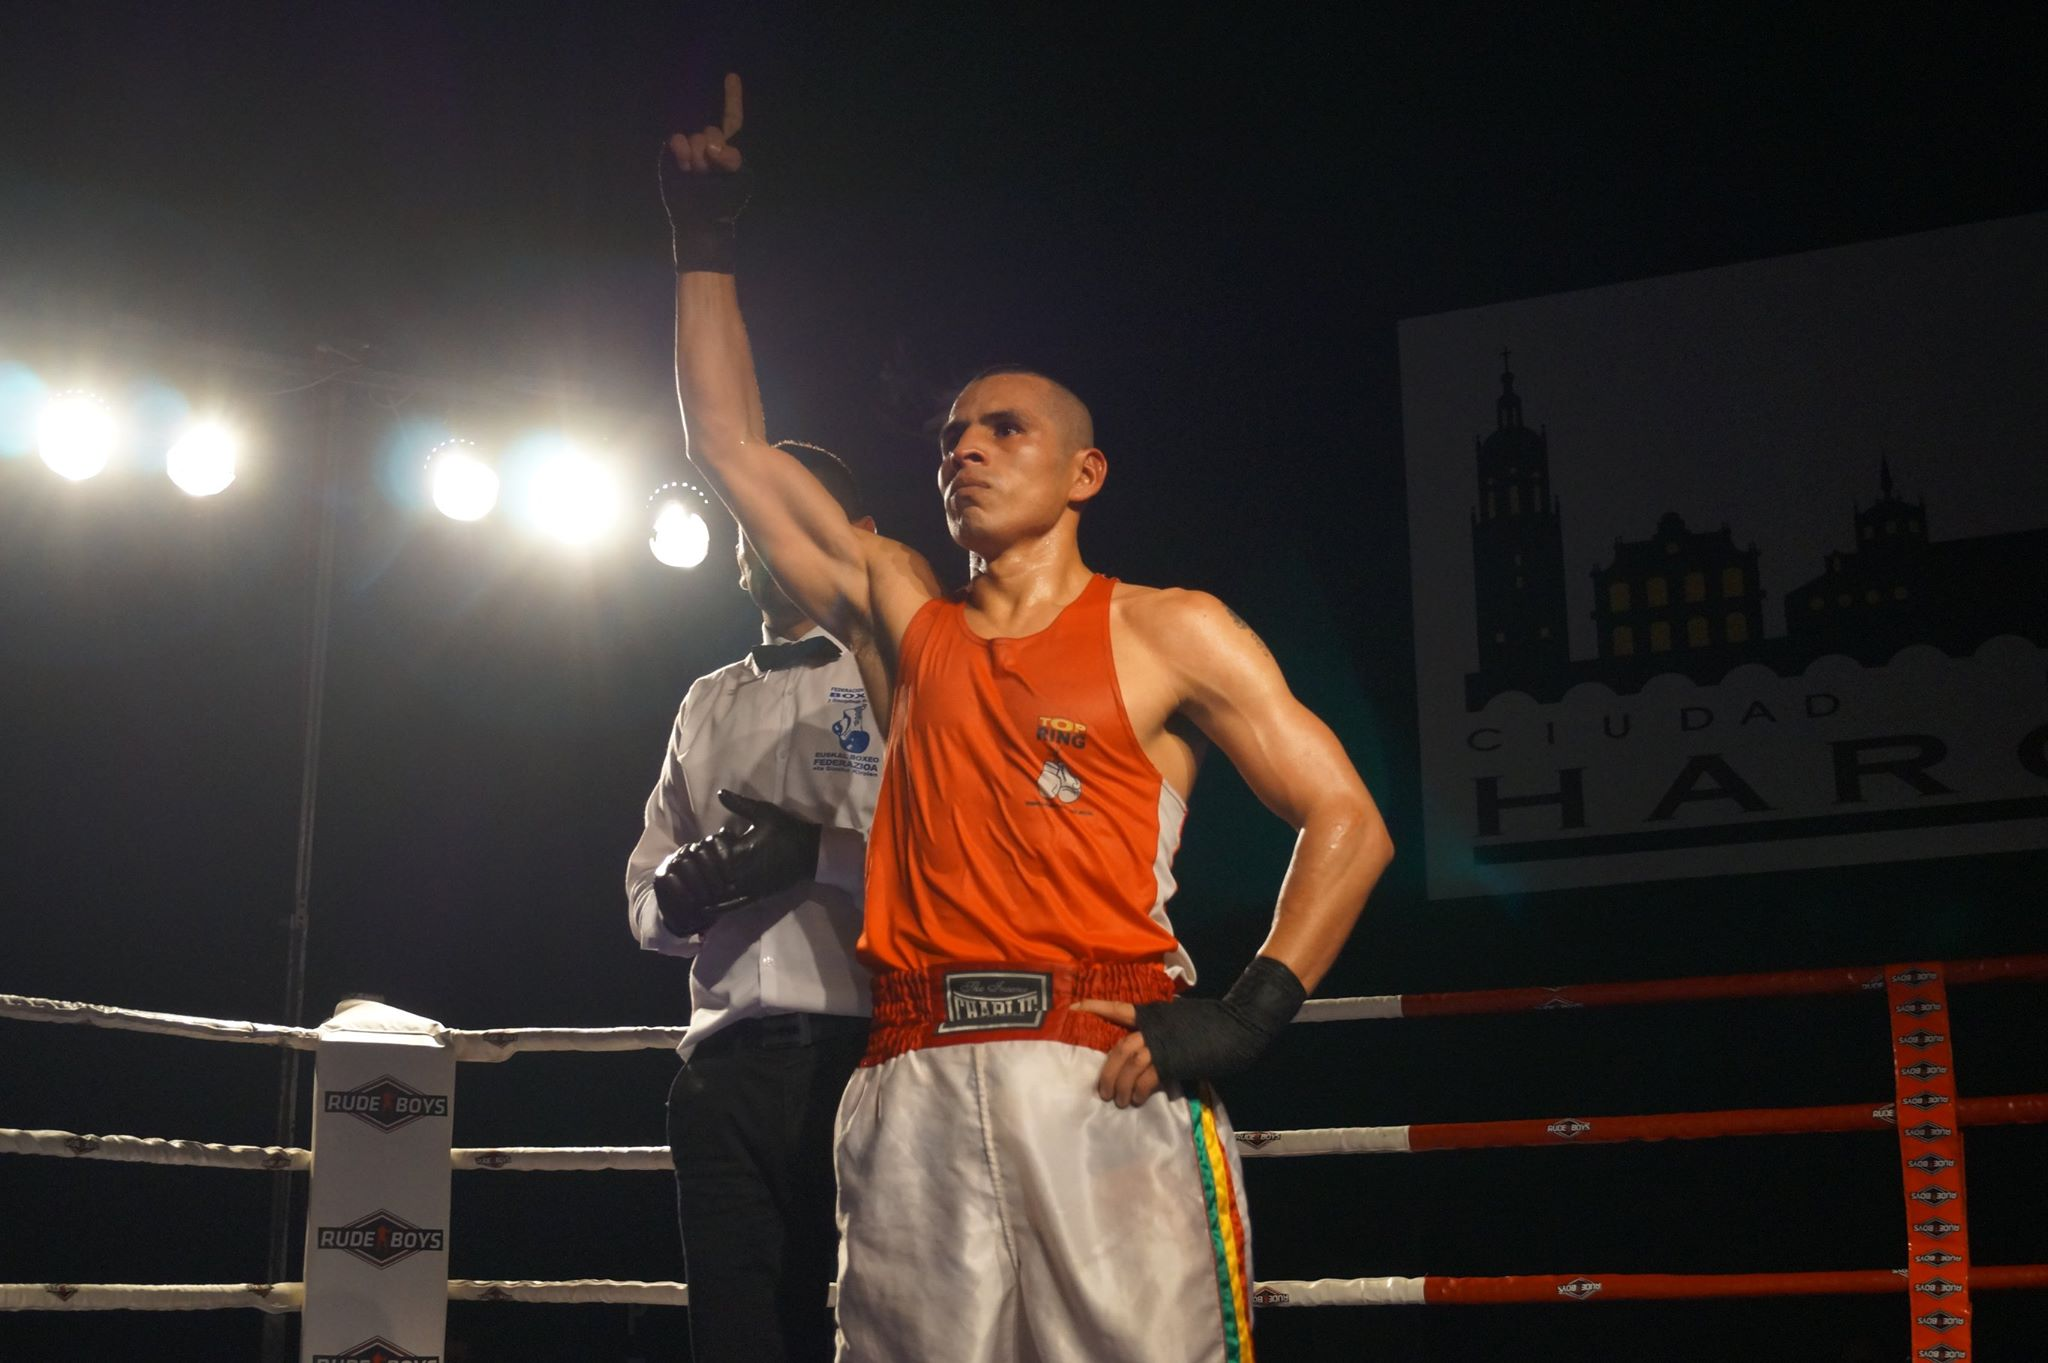 El boxeador logroñés de origen boliviano, Ricardo Fernández, tras su reciente victoria en Haro.